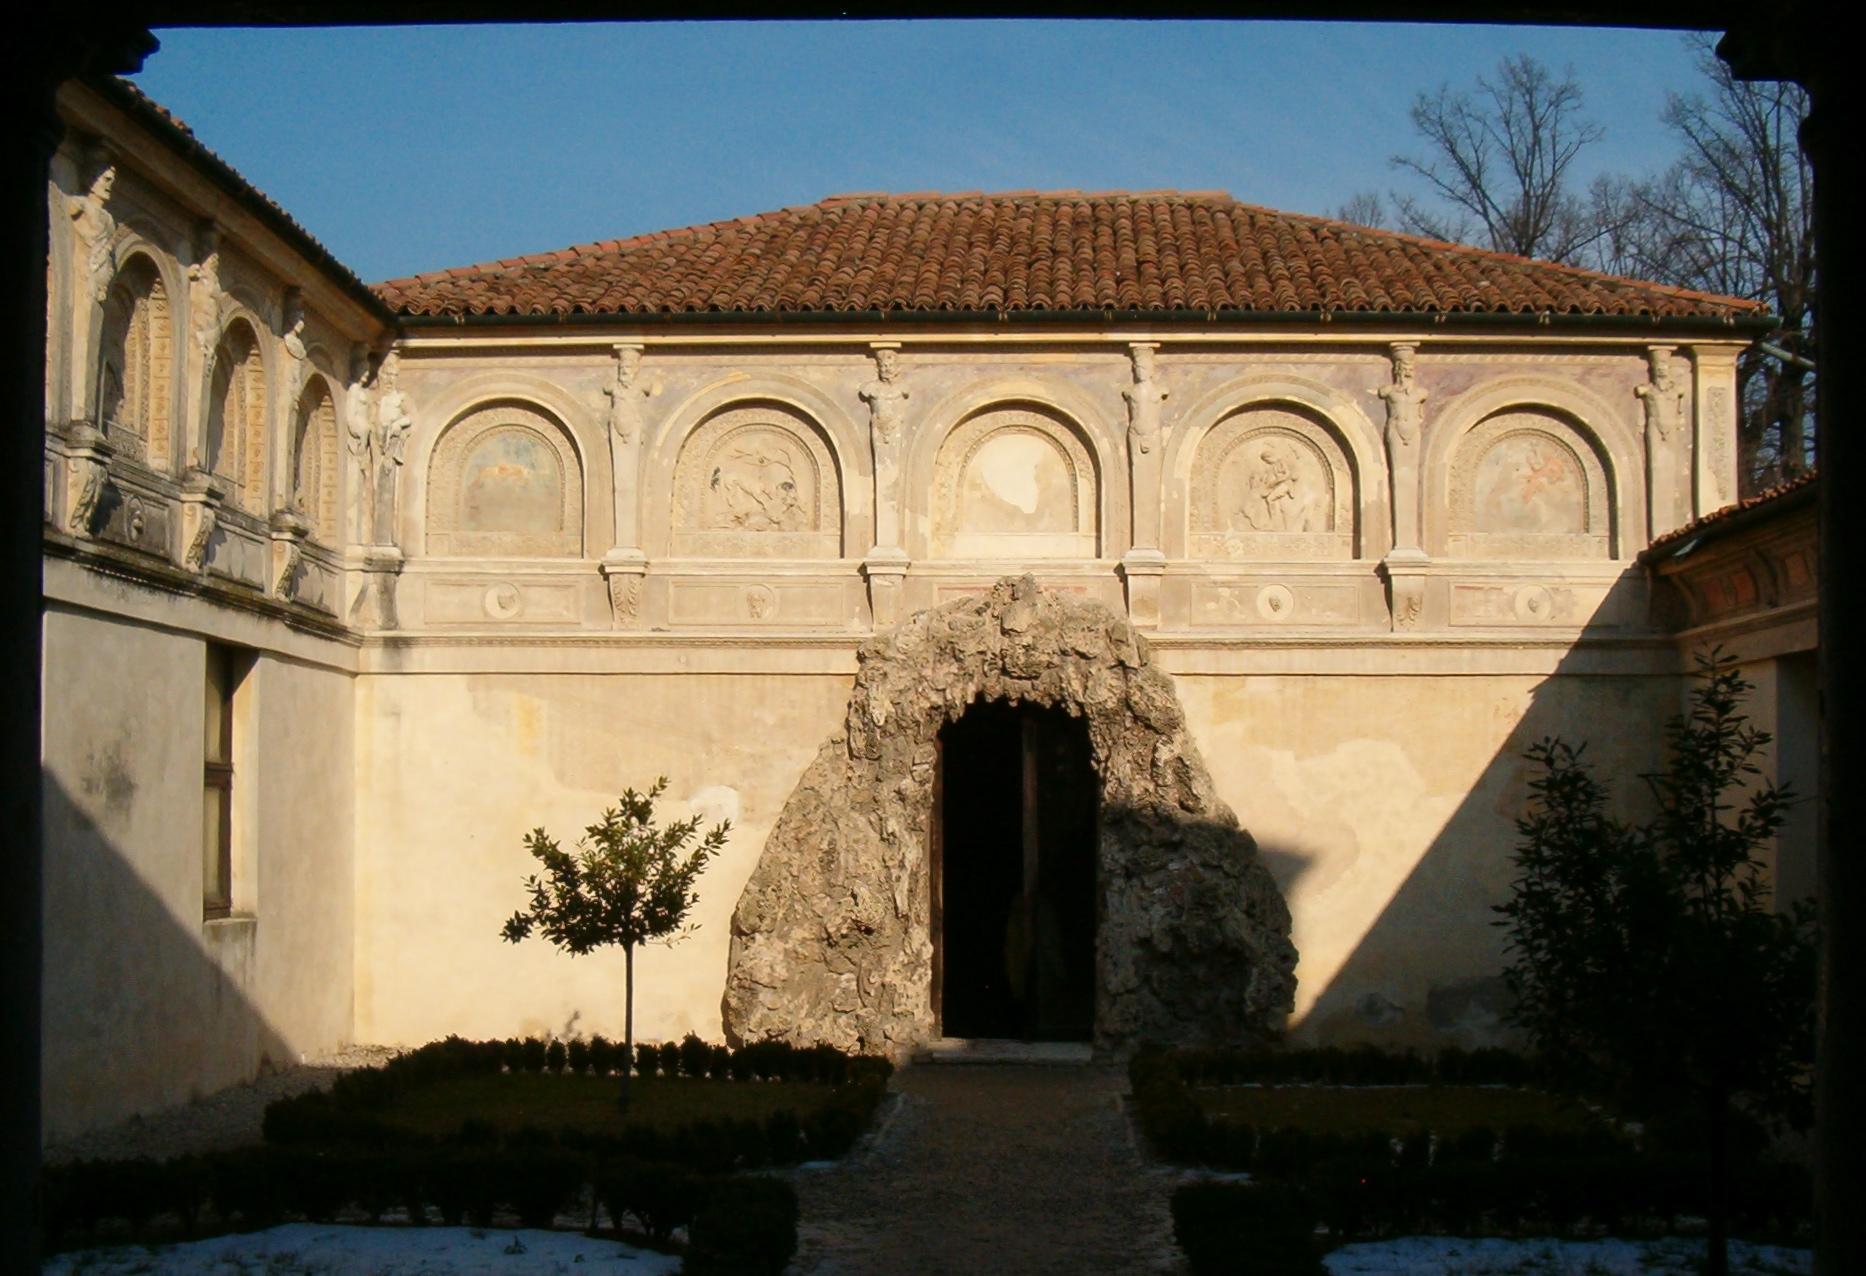 Giardino del palazzo ducale di parma pictures - Giardino del te ...